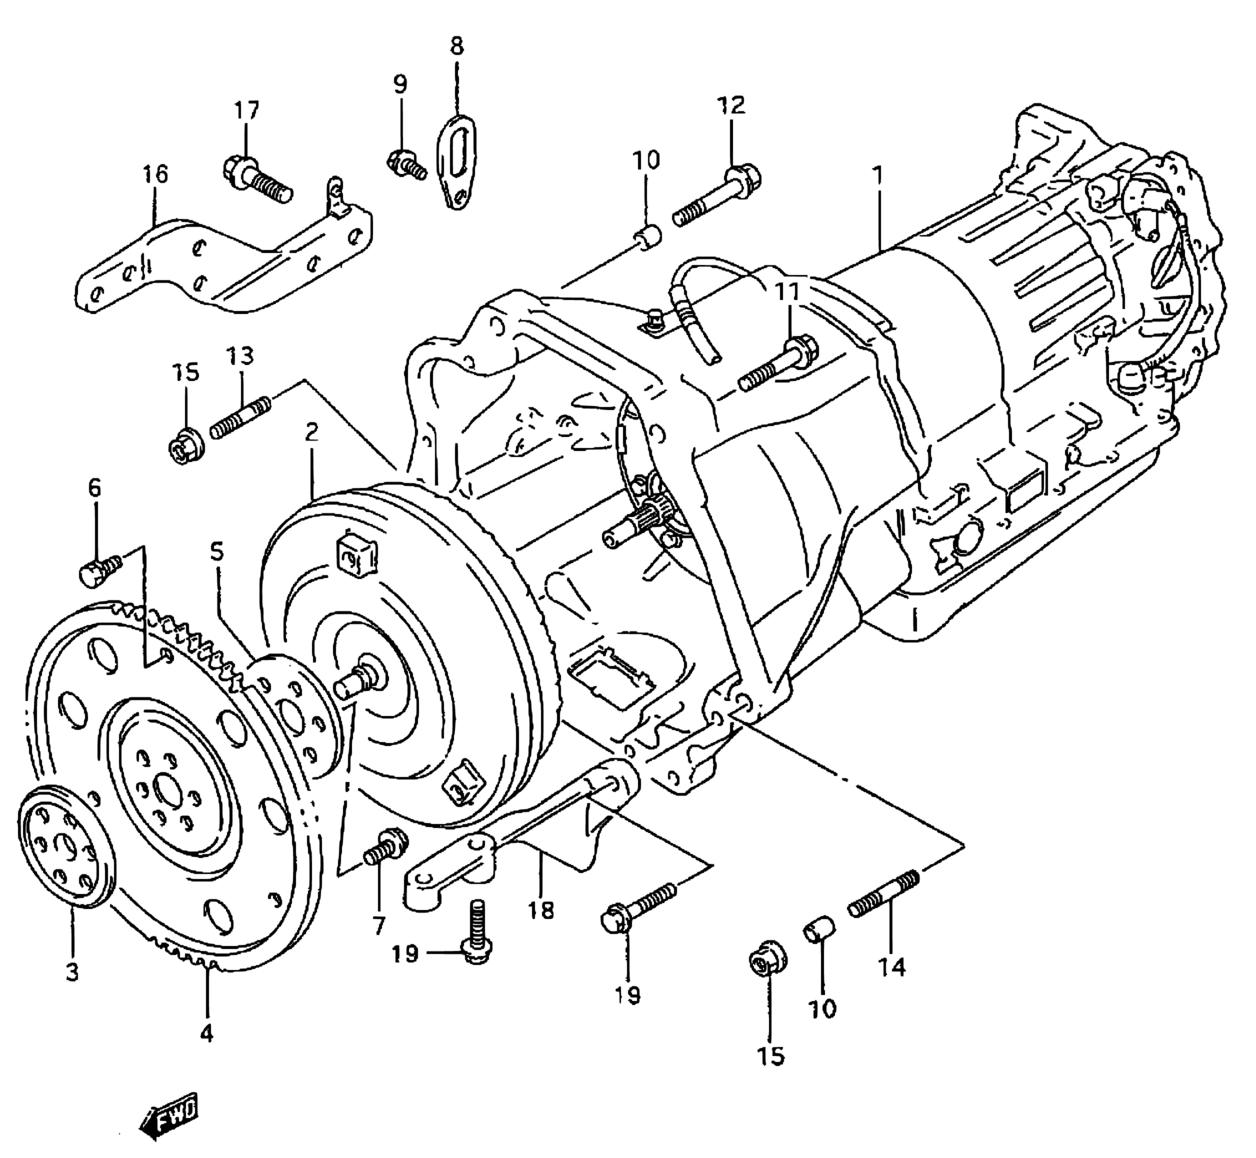 hight resolution of suzuki transmission diagrams wiring diagram details suzuki automatic transmission diagram wiring diagram schematic suzuki transmission diagrams